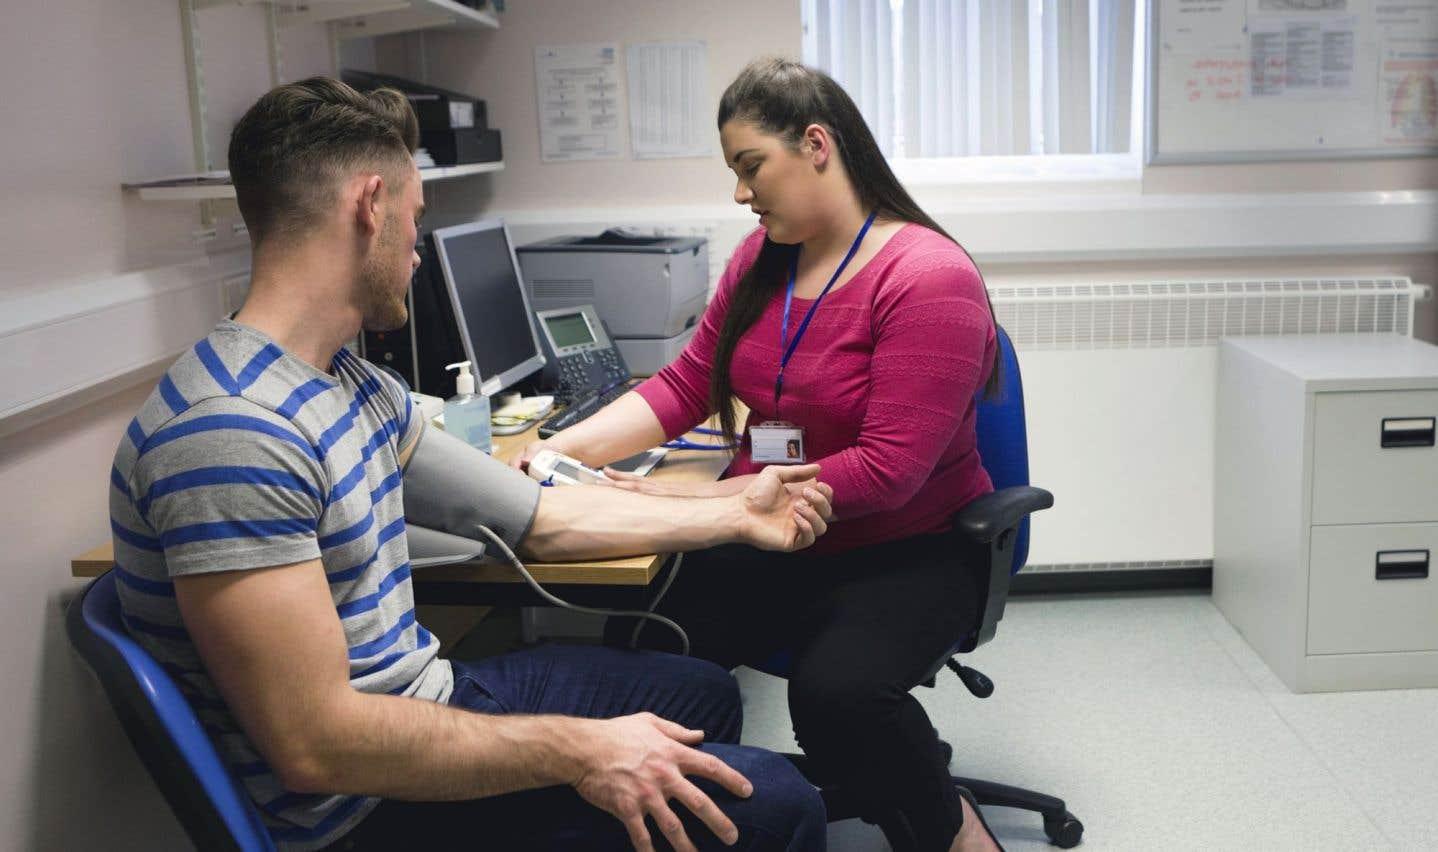 Le système de santé souffre d'inefficacité, disent les patients